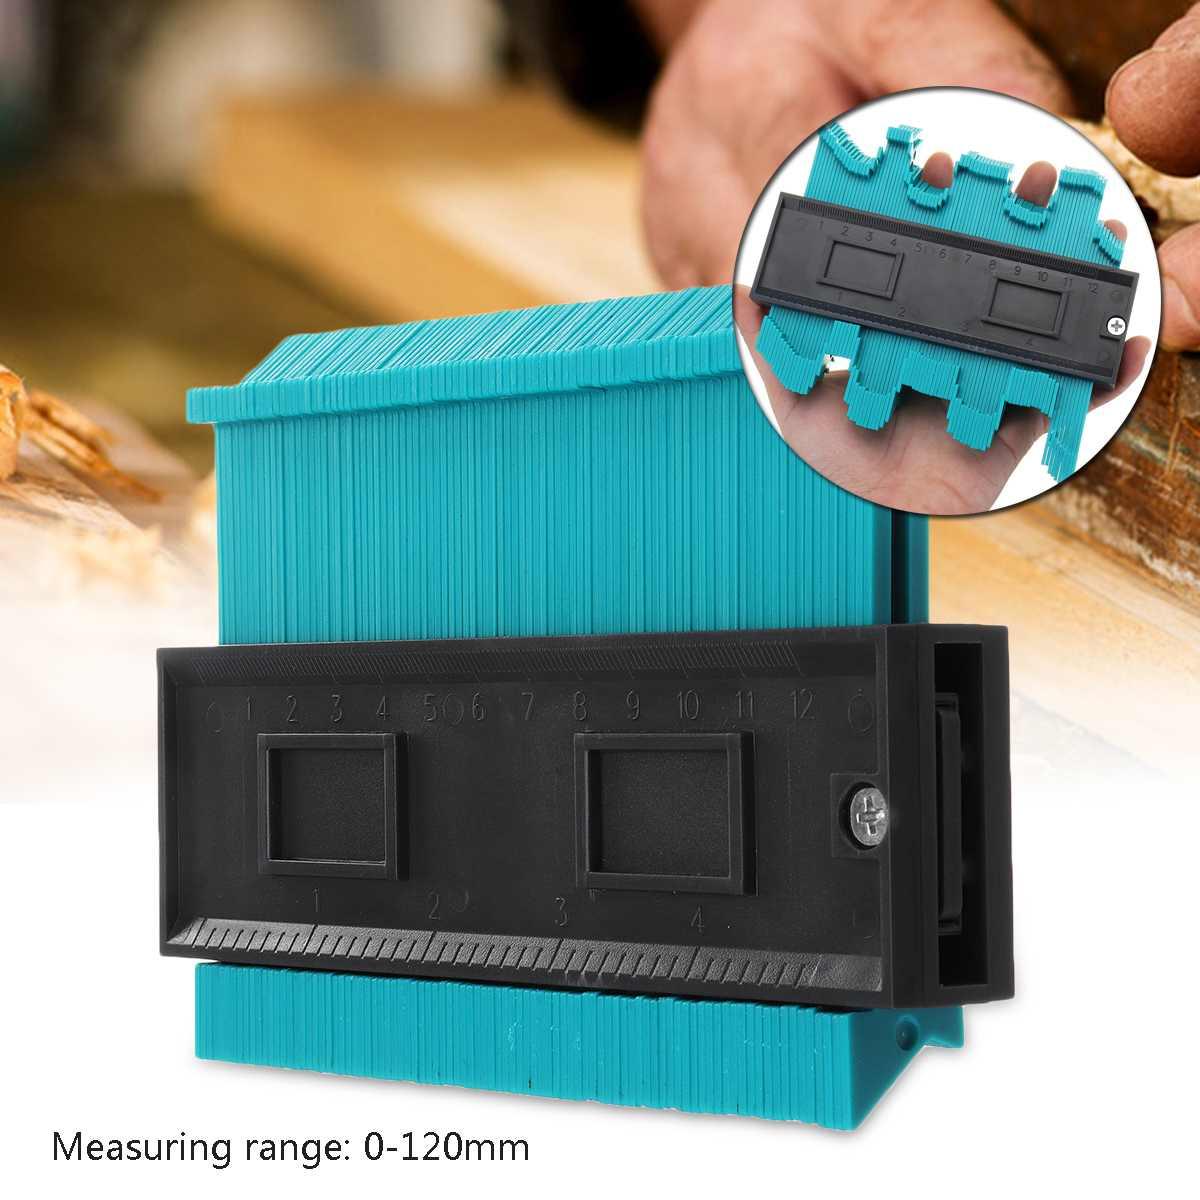 5 pulgadas de perfil de baldosas laminado azulejos borde de madera medida gobernante ABS Contorno de duplicador de 14,6x10,5 cm